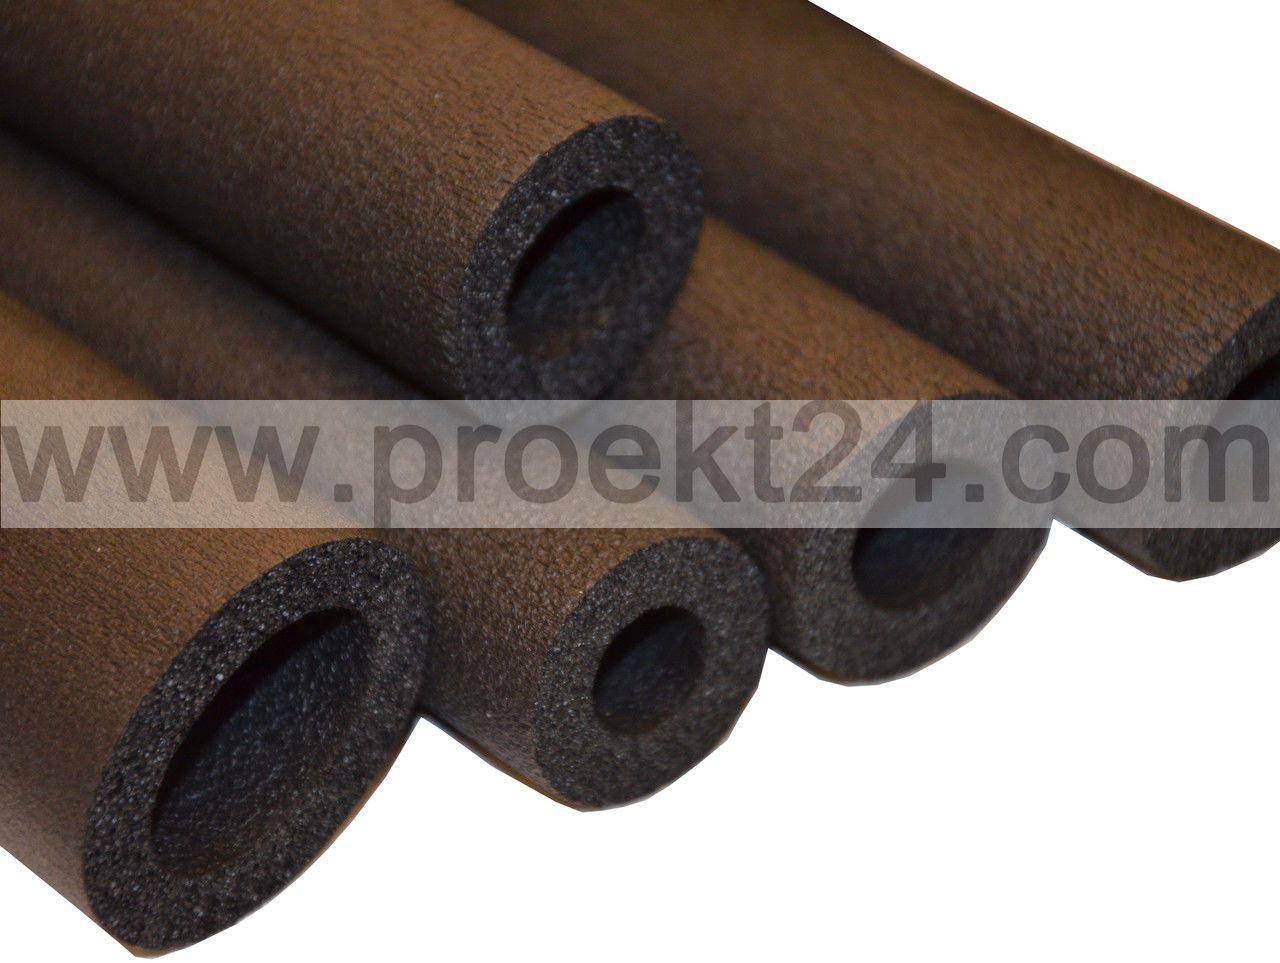 Трубная каучуковая изоляция 54/19, Ø=54 мм, толщ.:19 мм